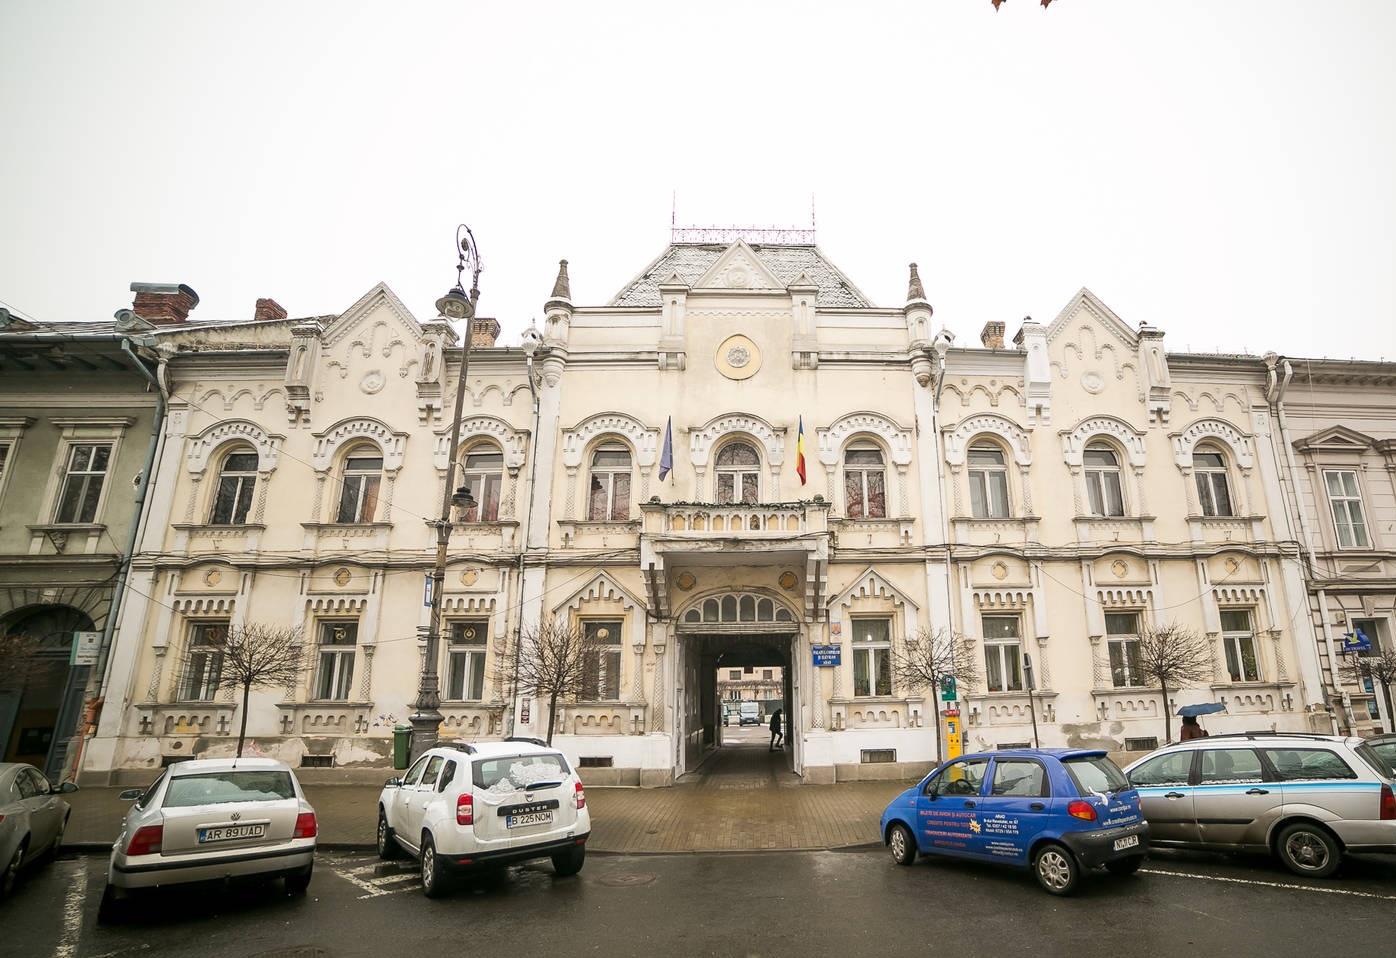 Cât trebuie să plătești pentru a deveni proprietarul Palatului Copiilor din Arad? Se află la doi pași de primărie și cuprinde aproape 40 de camere